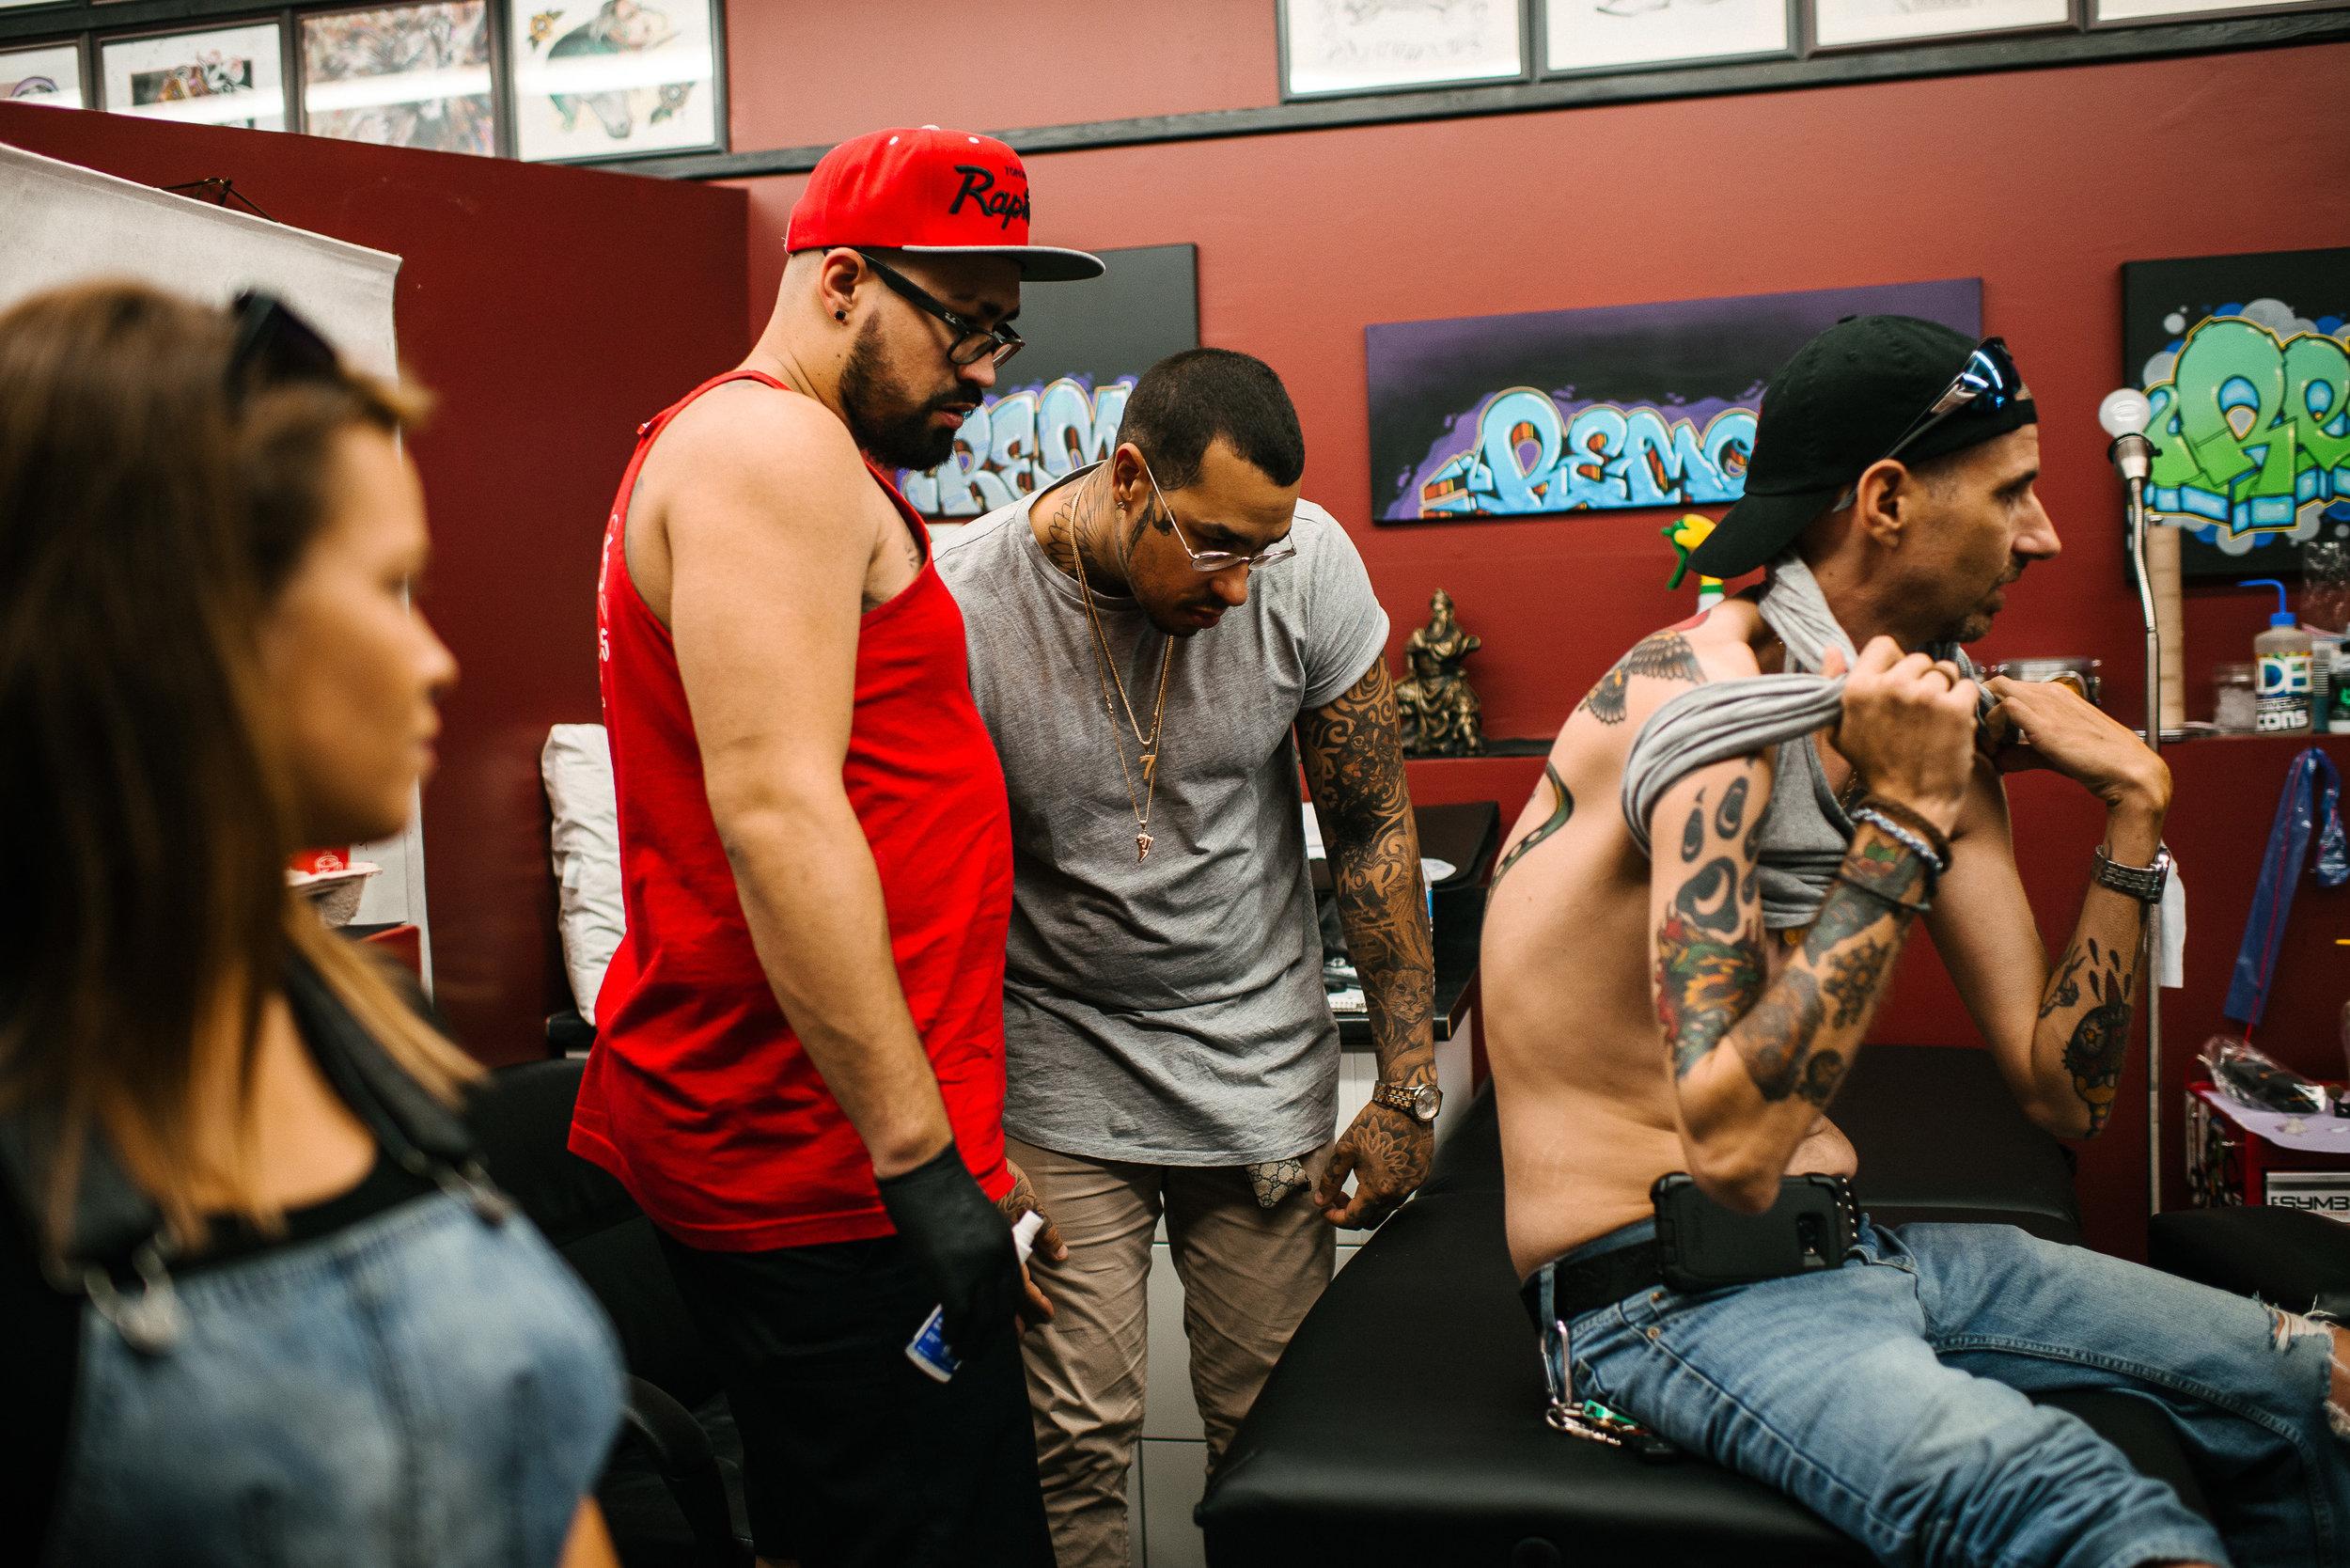 InkTegrity Tattoo Community Growth Tattoo Days-143414vm.jpg